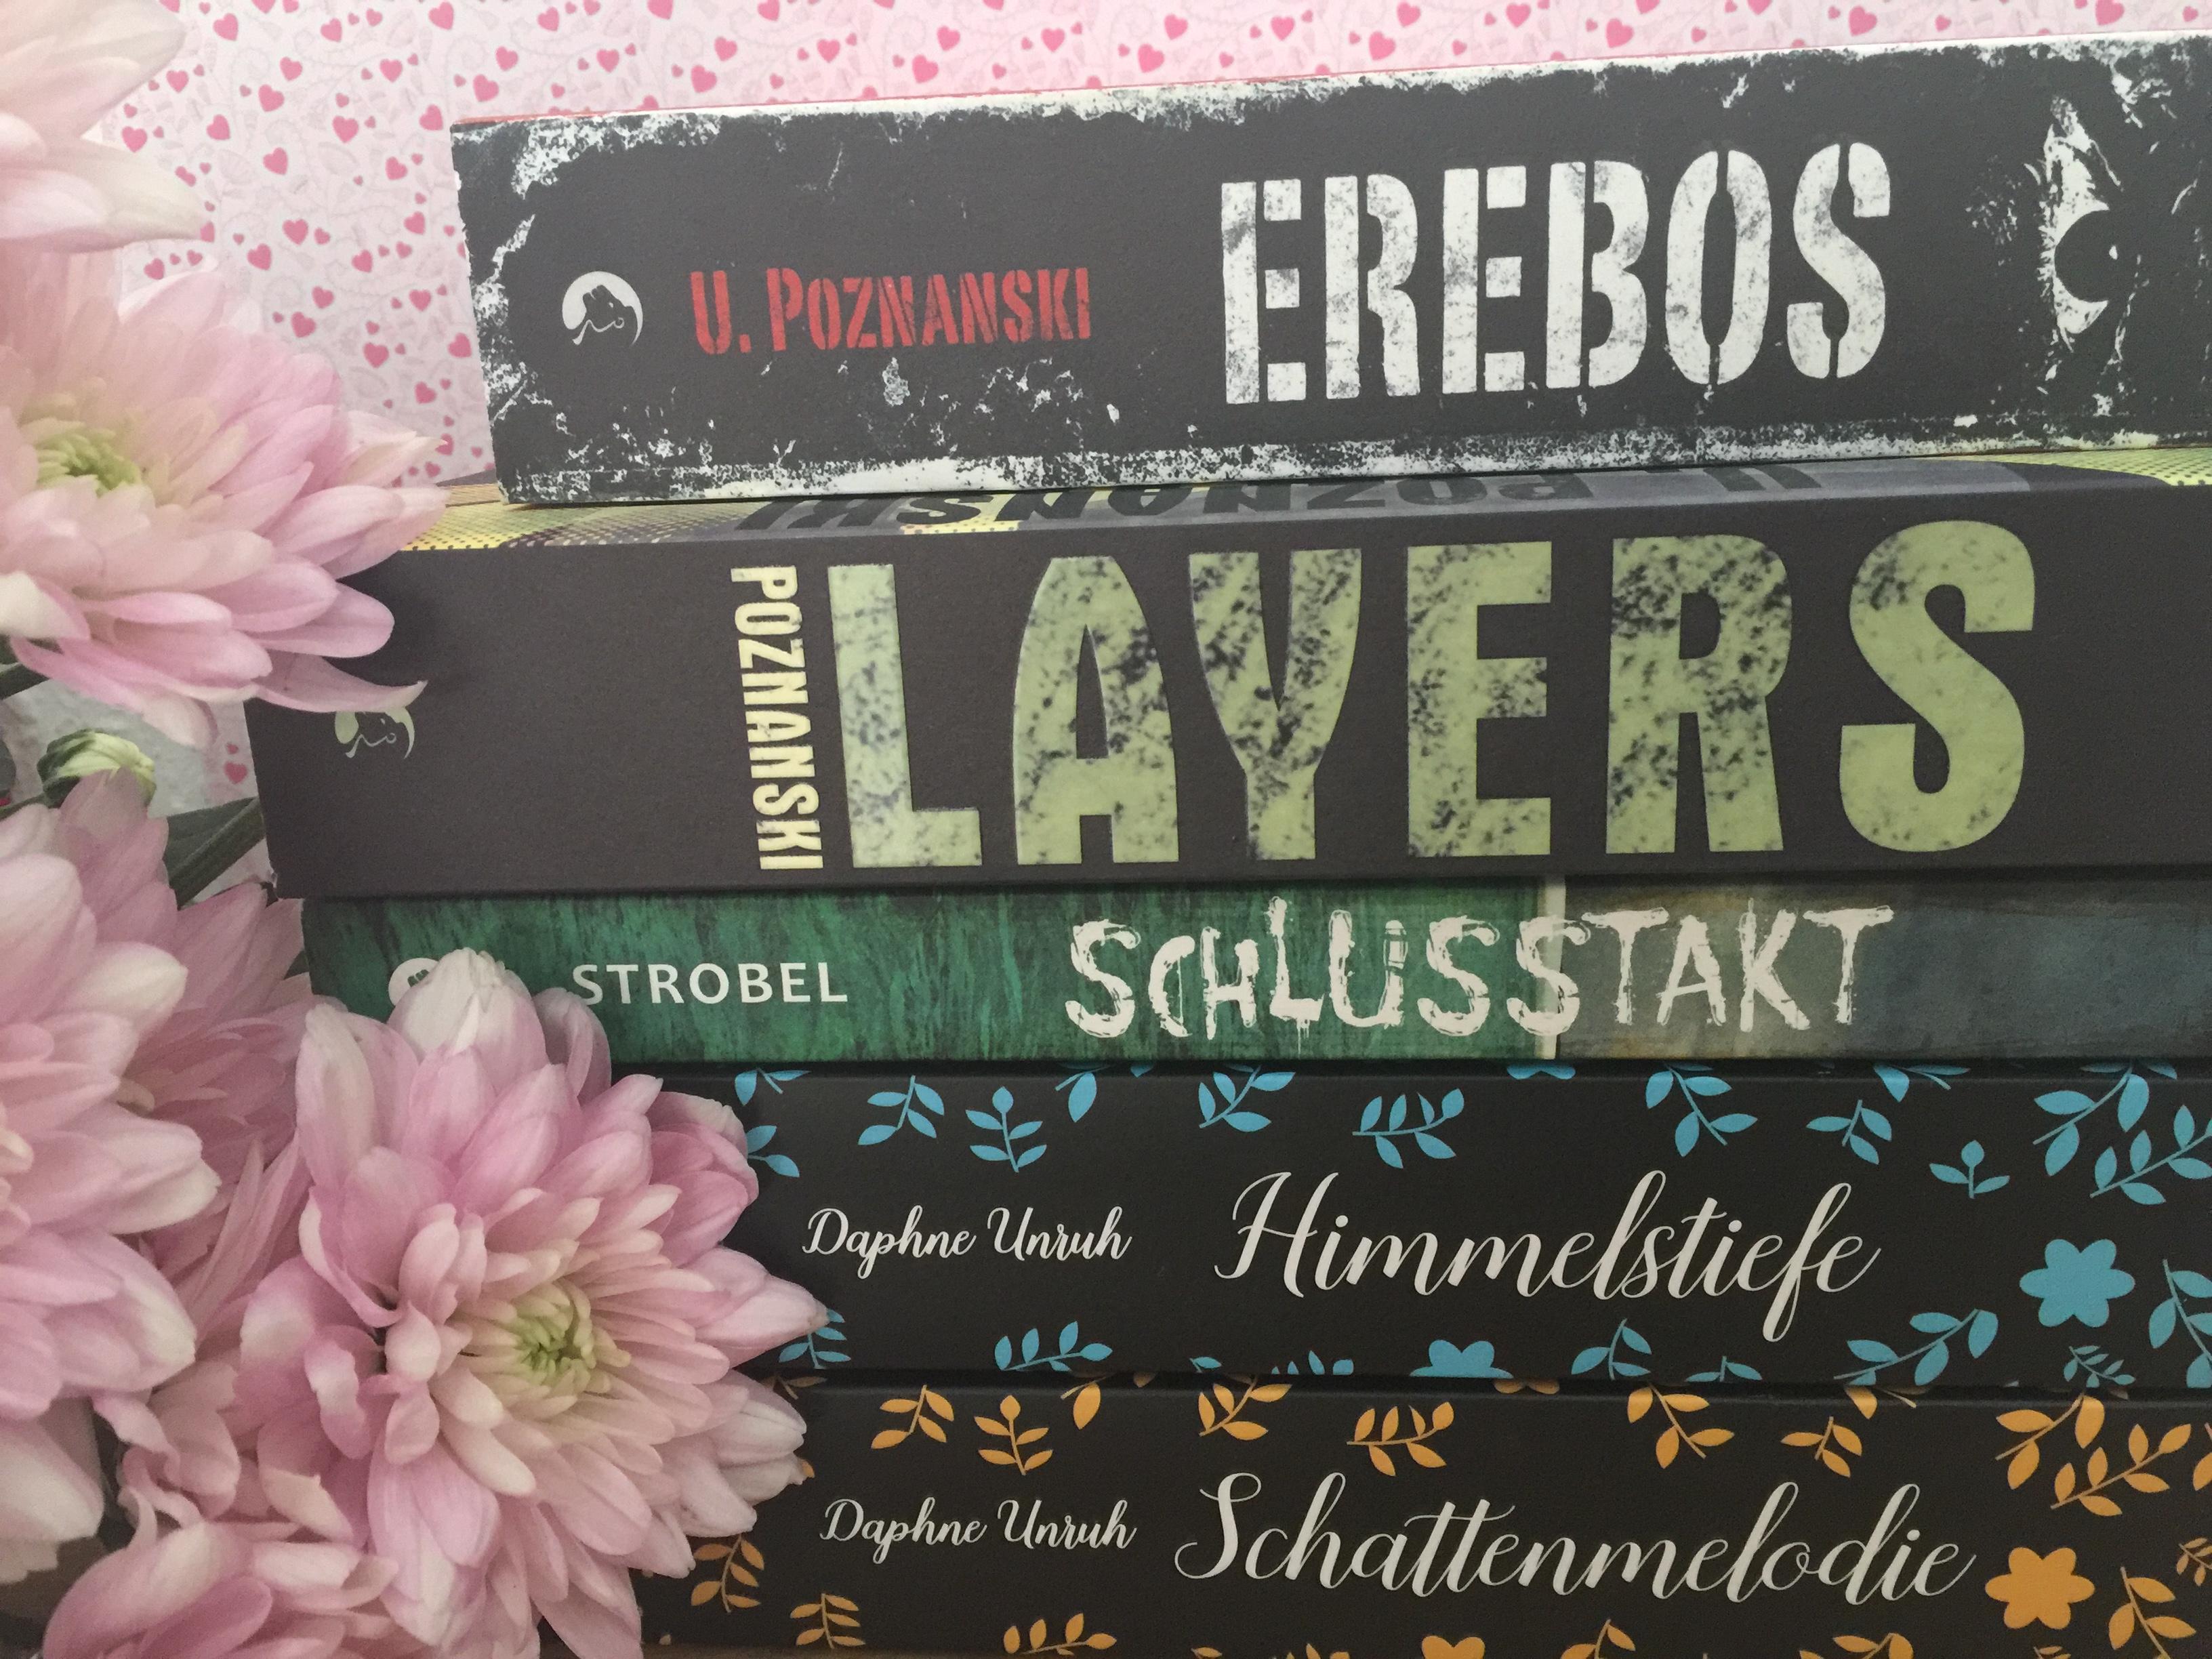 5 Wunschbücher vom Loewe Verlag